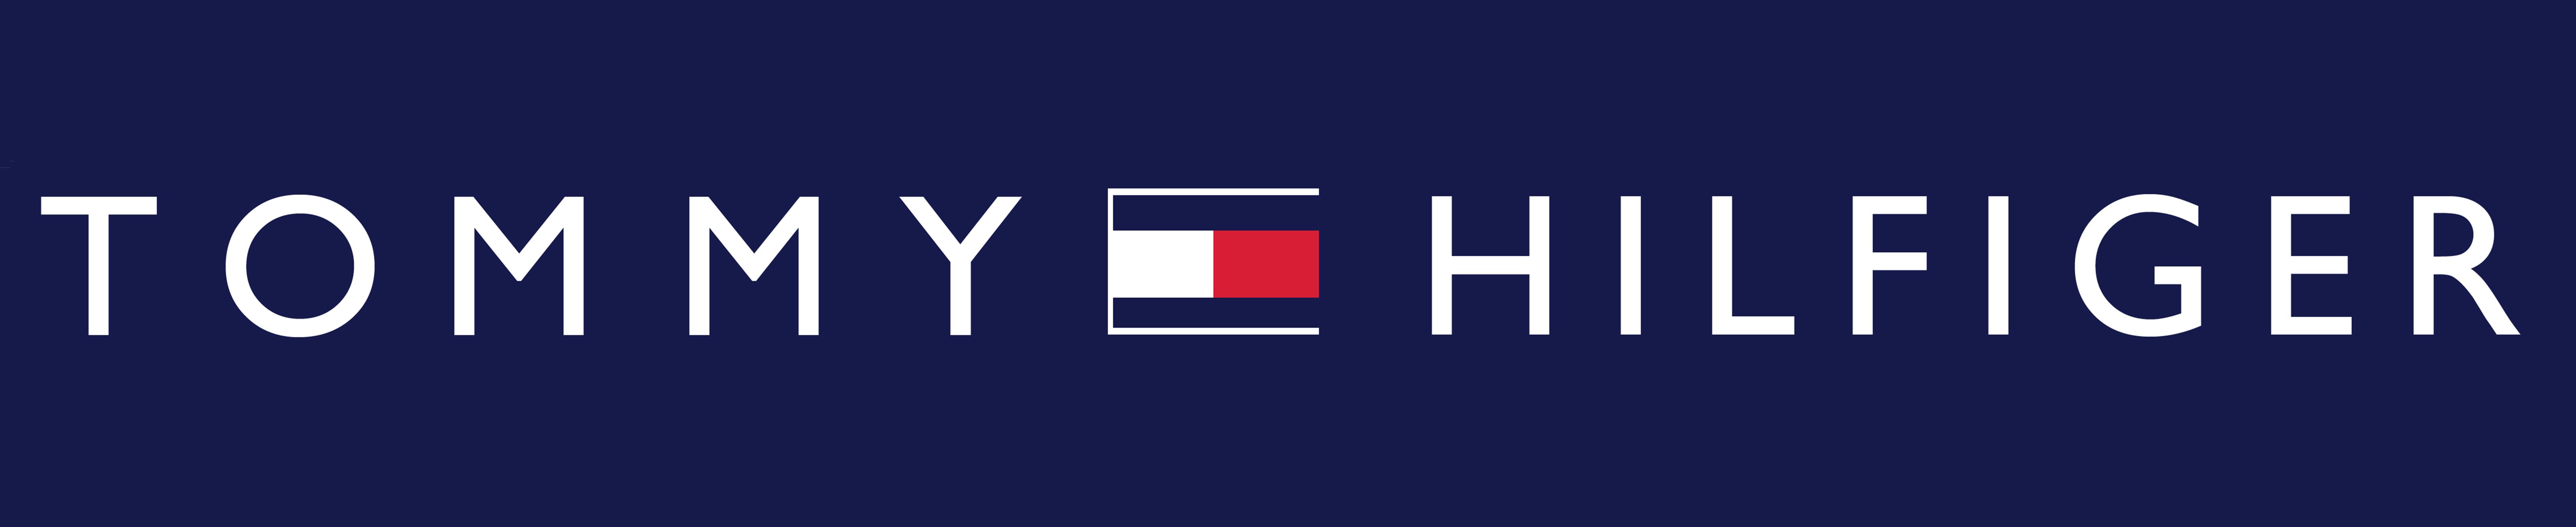 tommy hilfiger logo white